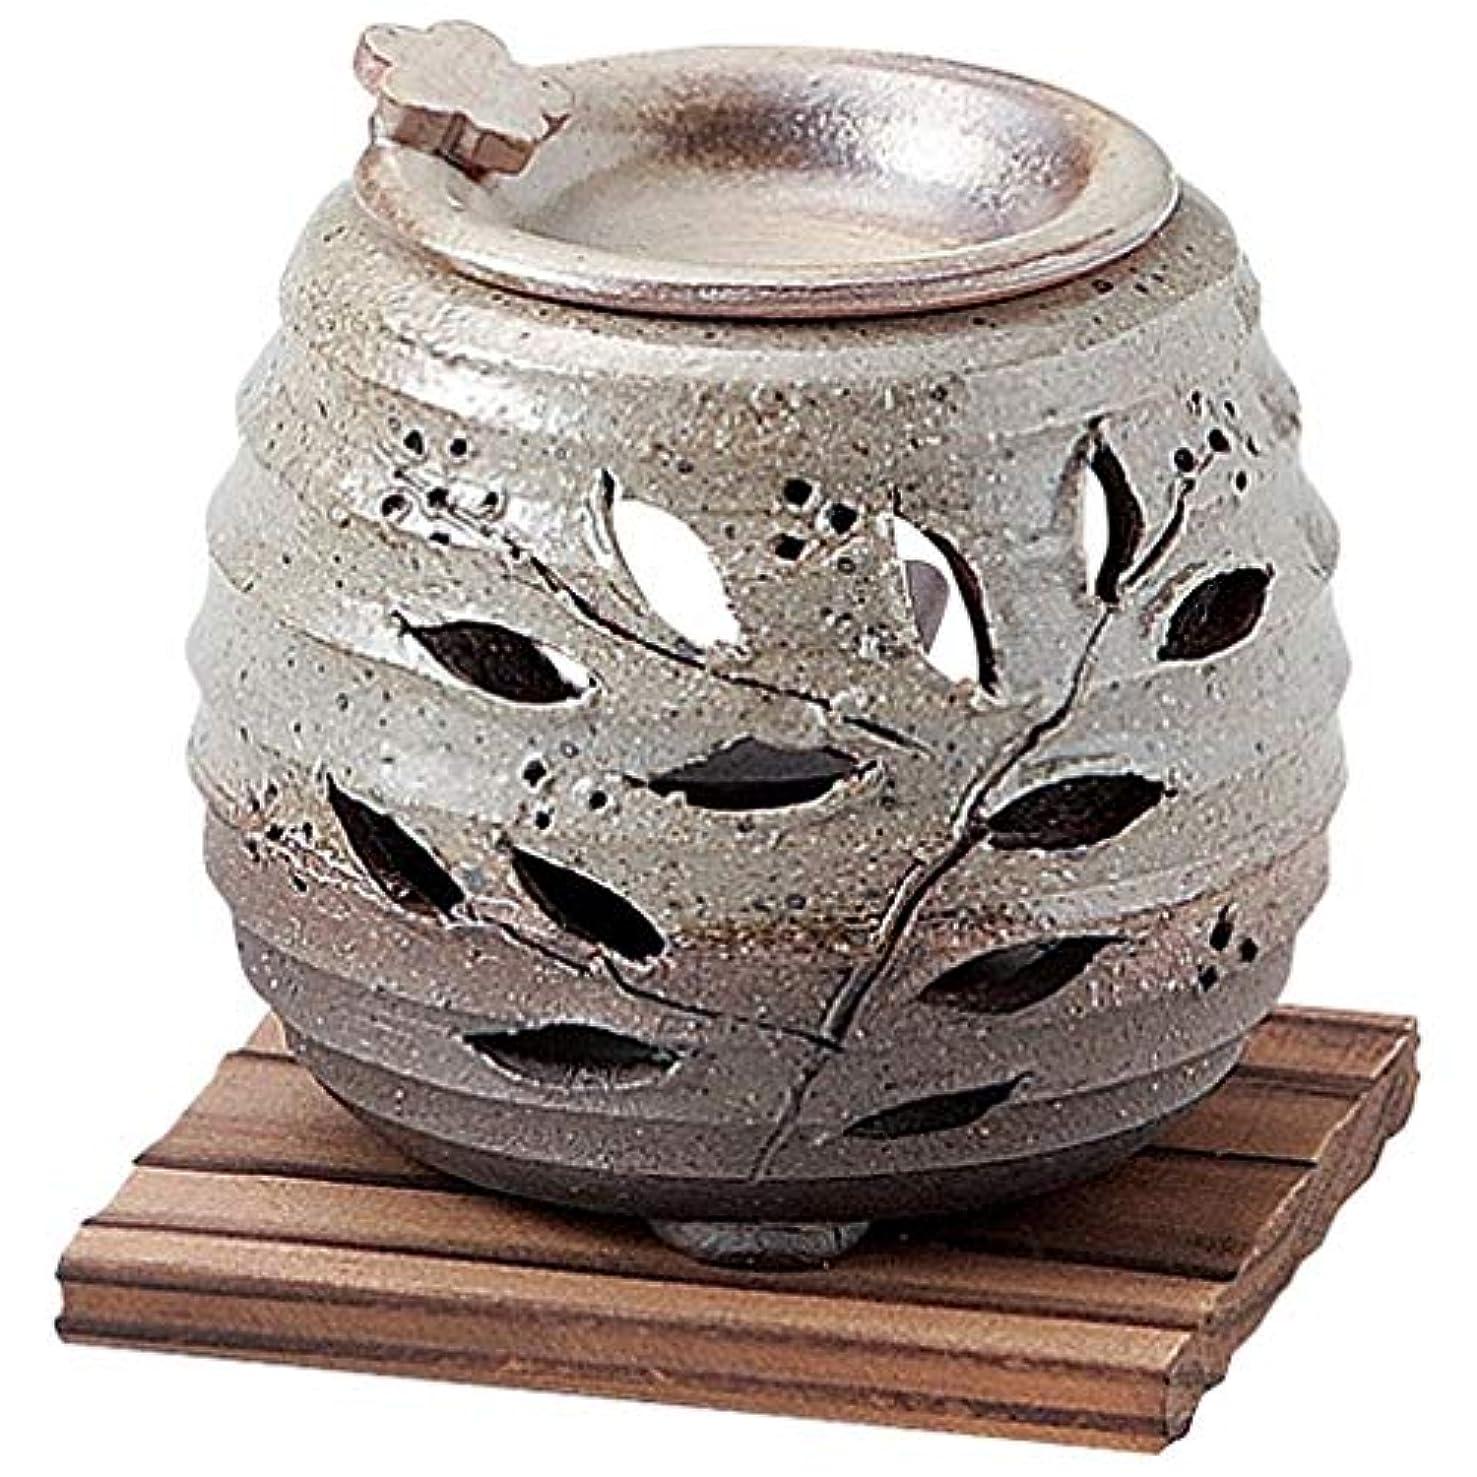 ペフ主張やがてお部屋の消臭に!■常滑焼【茶香炉】石龍作 緑灰釉花茶香炉(板付)